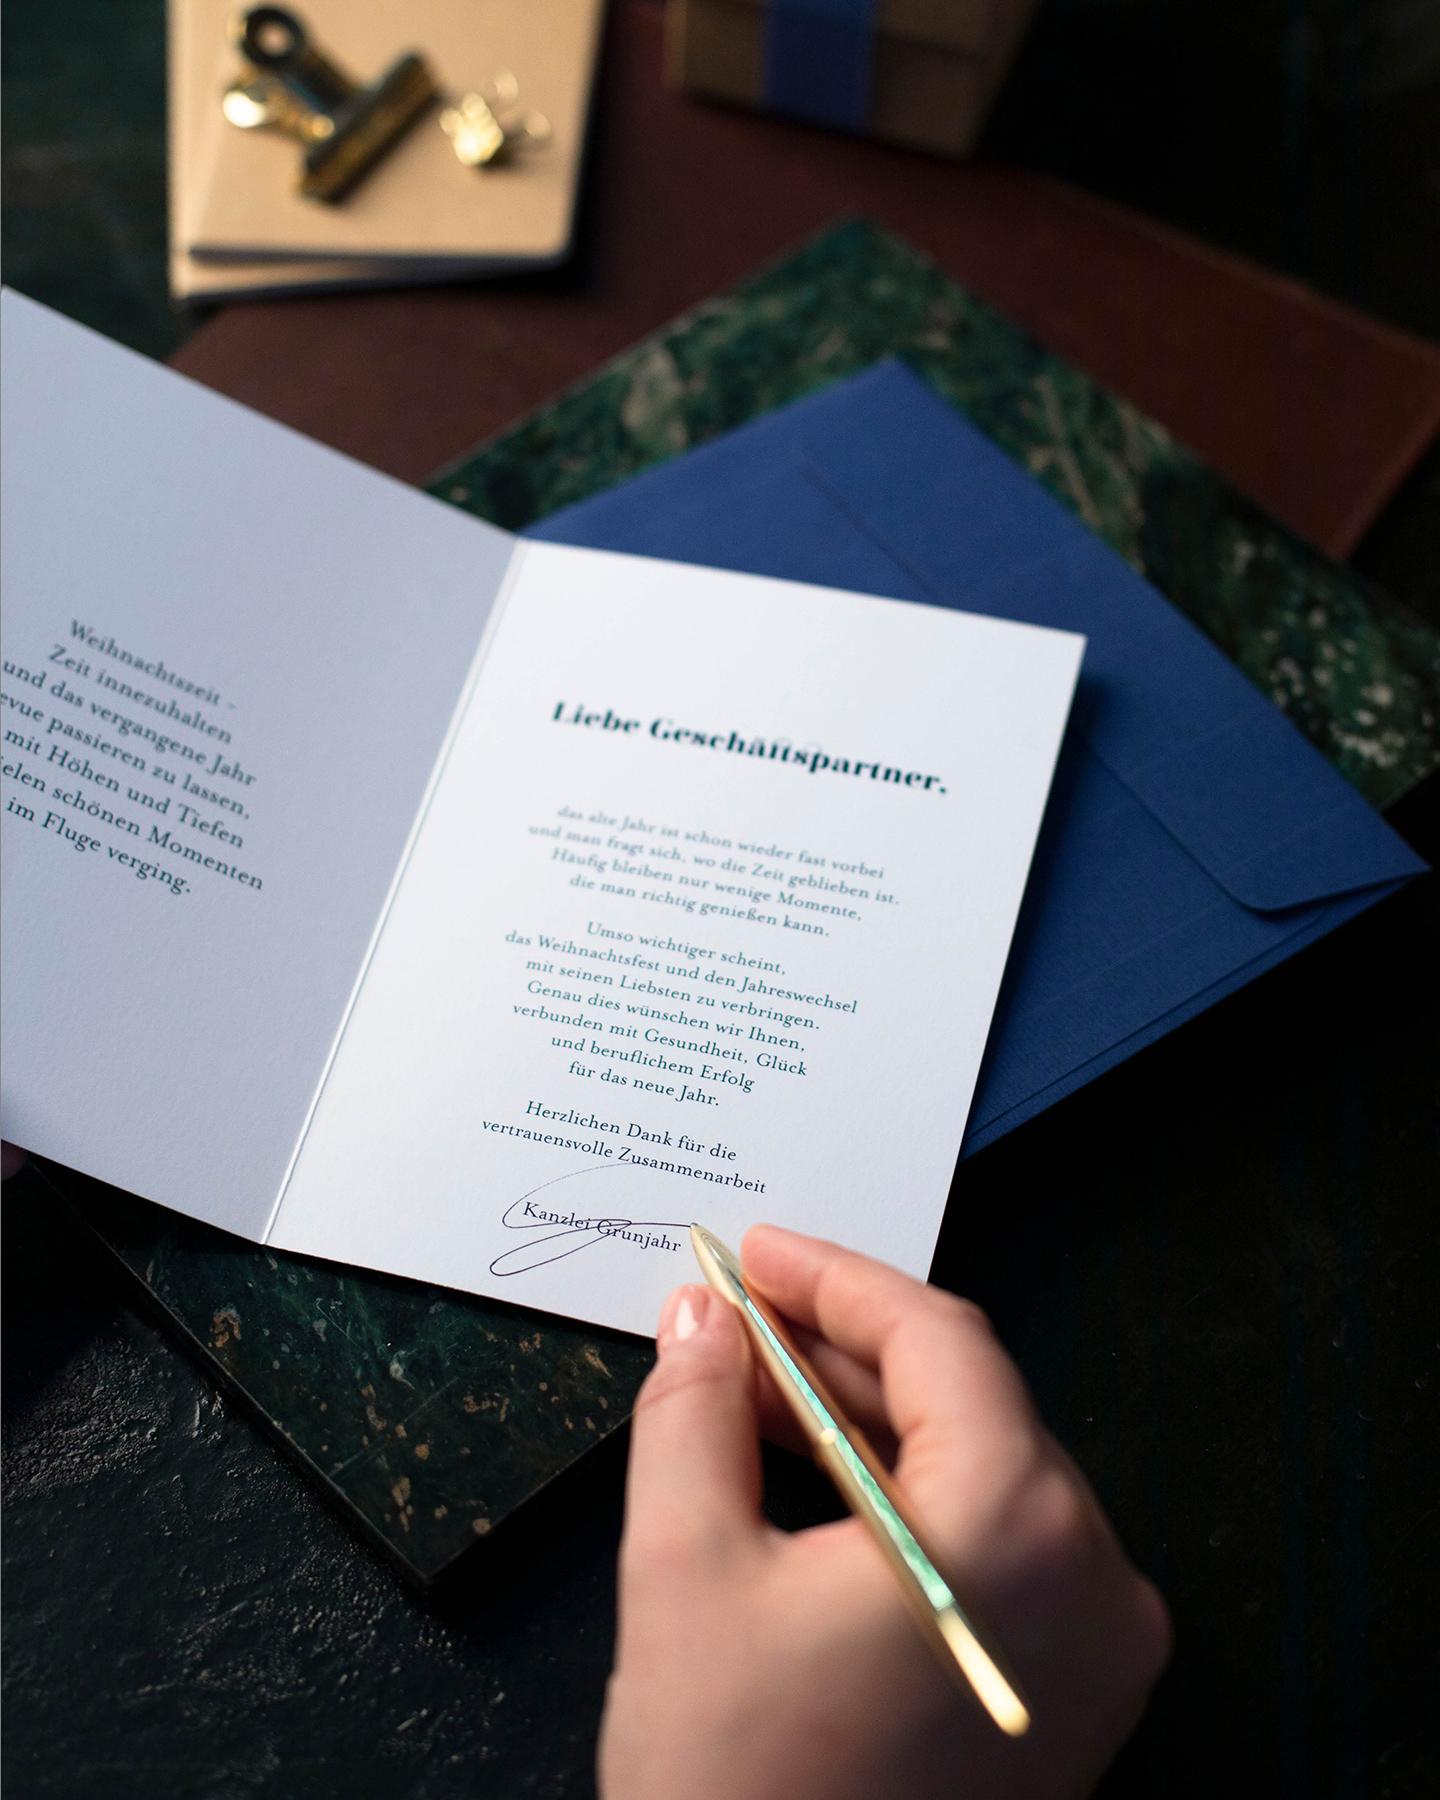 Eine Weihnachtskarte an die Geschäftspartner wird per Hand unterschrieben.